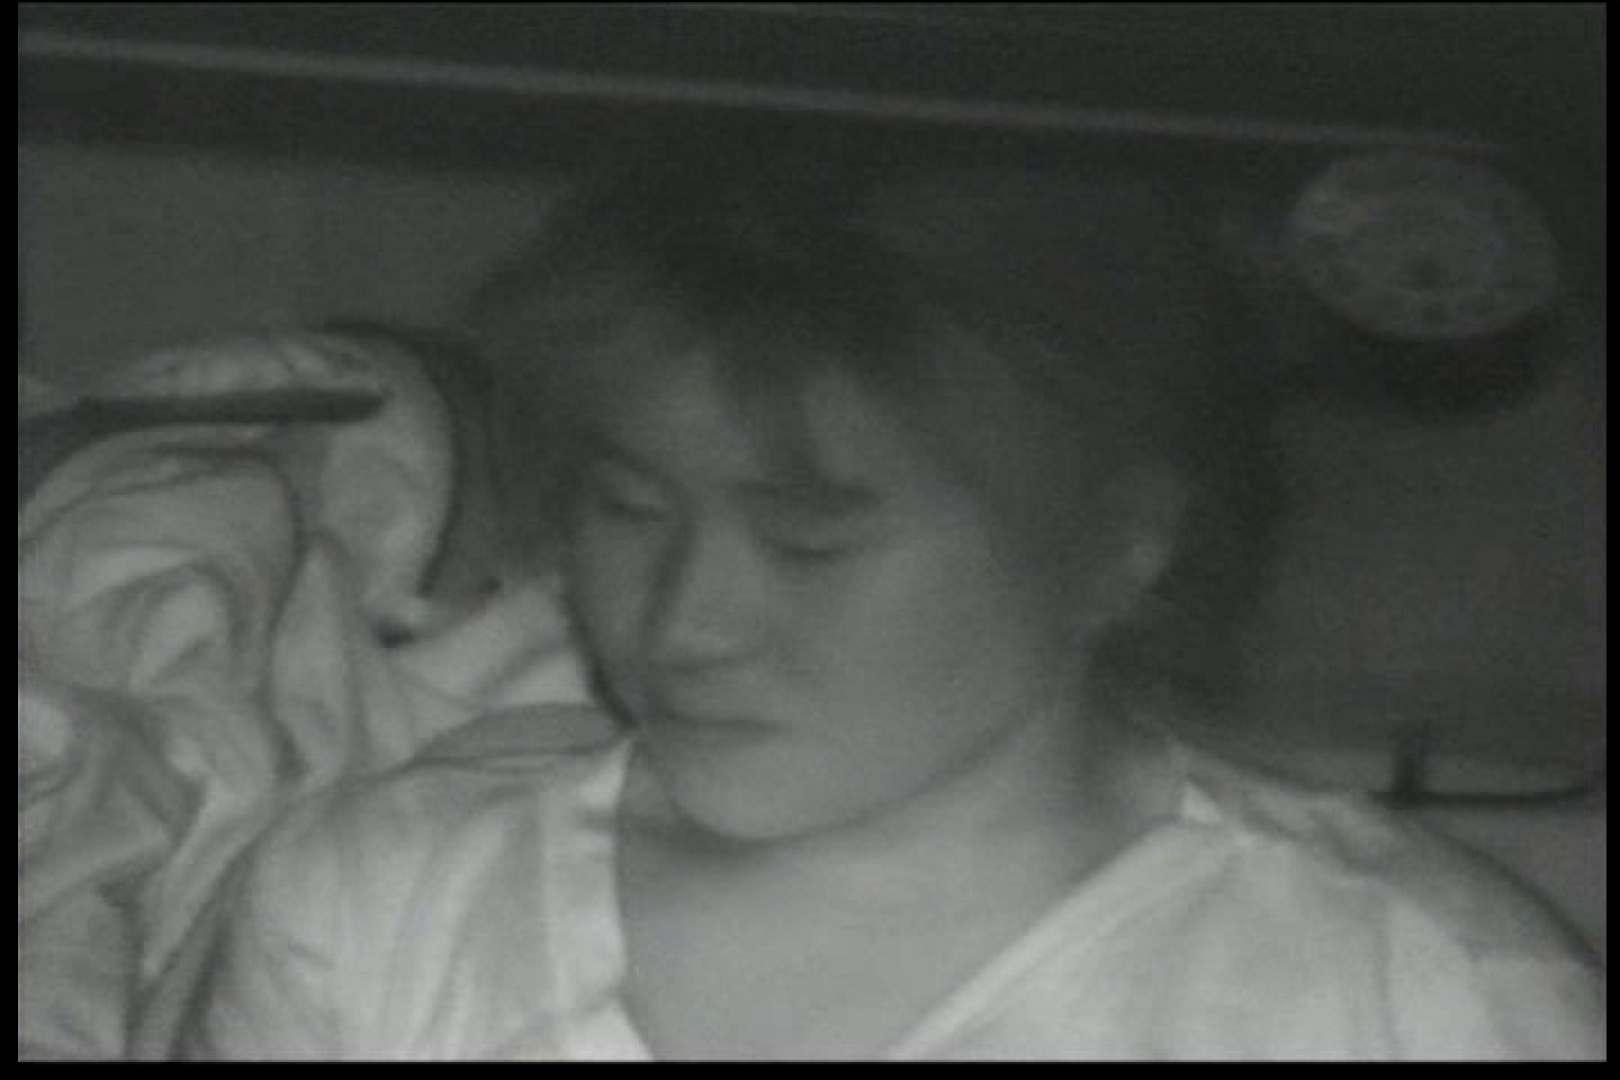 車の中はラブホテル 無修正版  Vol.12 エロティックなOL 盗み撮り動画 93画像 50